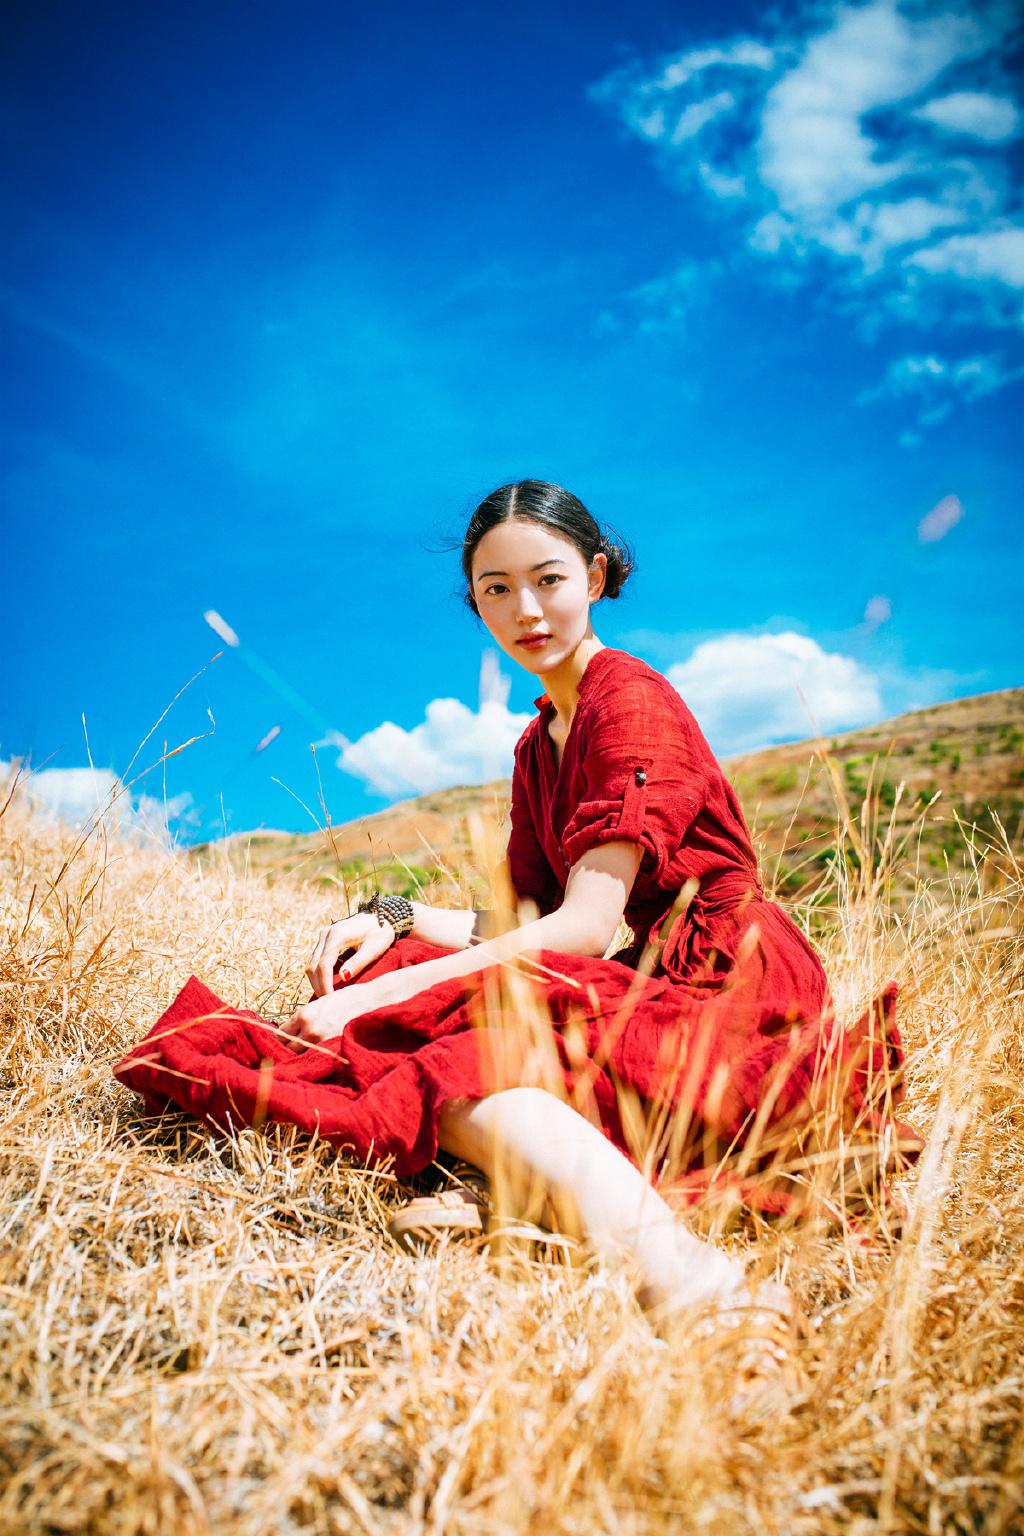 5SOE-604妩媚小娇妻夏诗雯肉丝大长腿不安分的拍照姿势